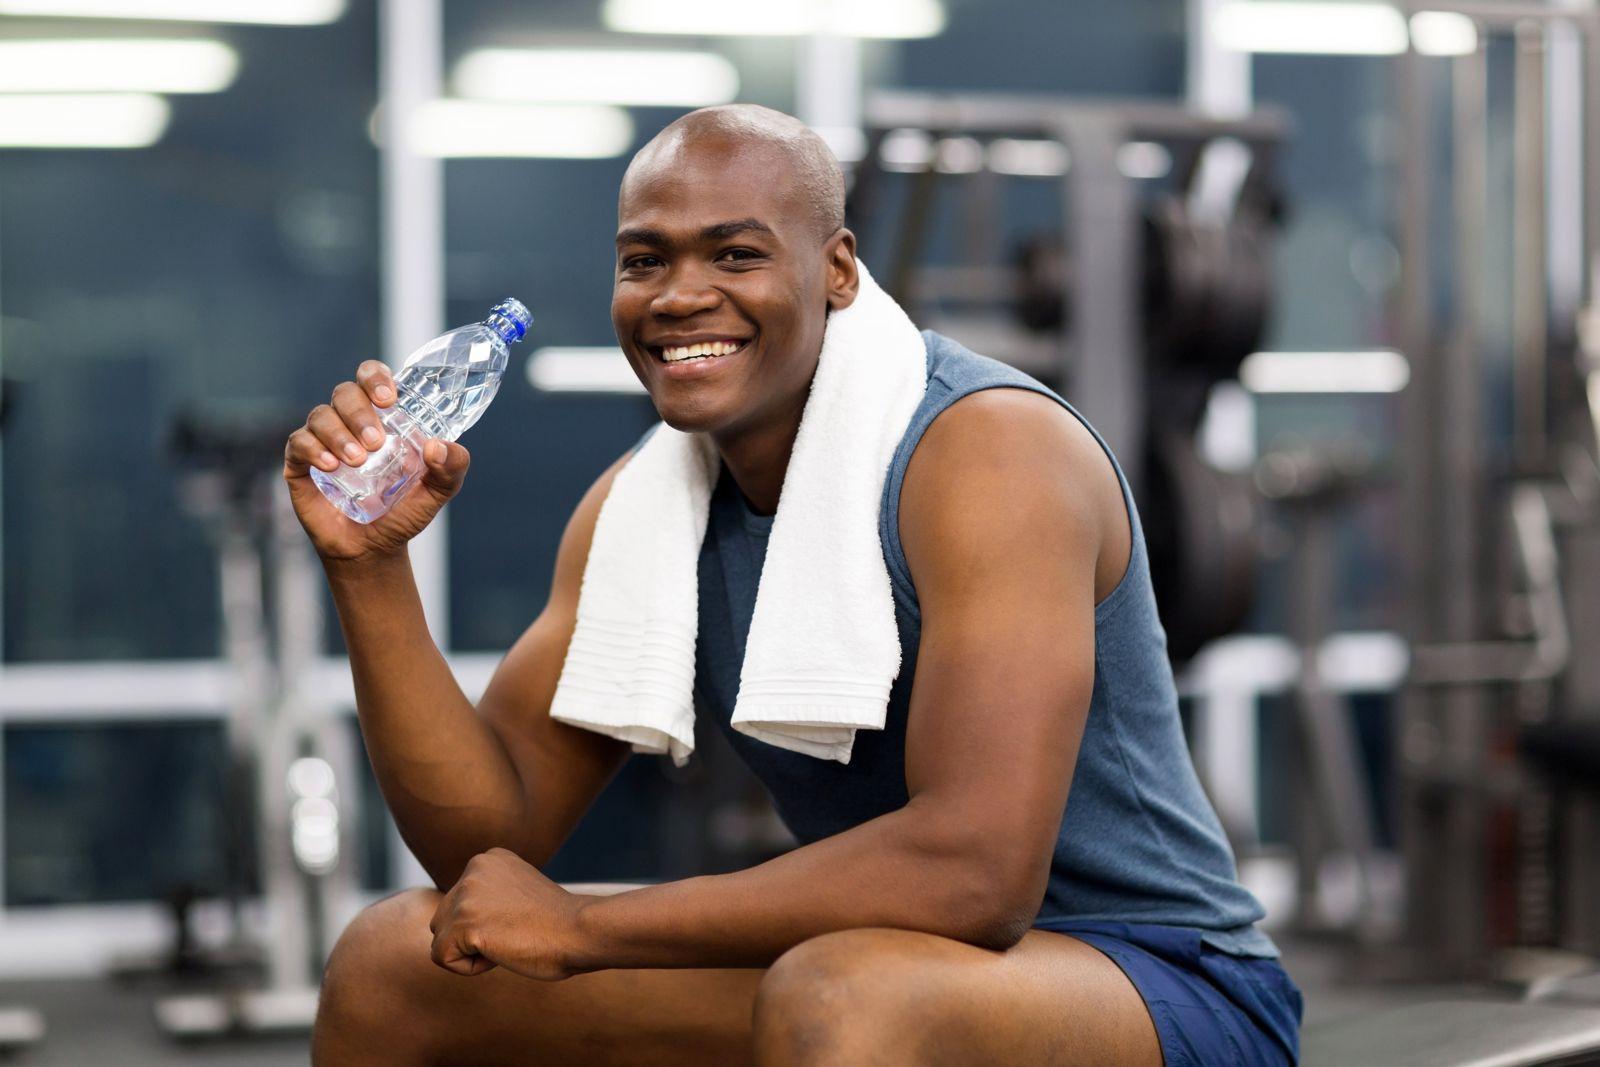 man drinking water at gym